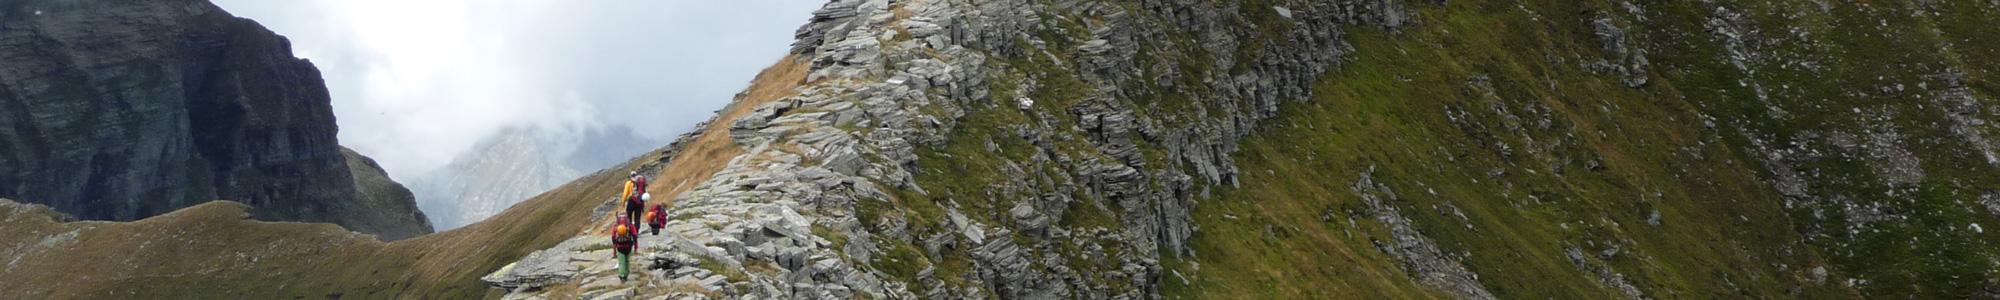 slide-trekking-01